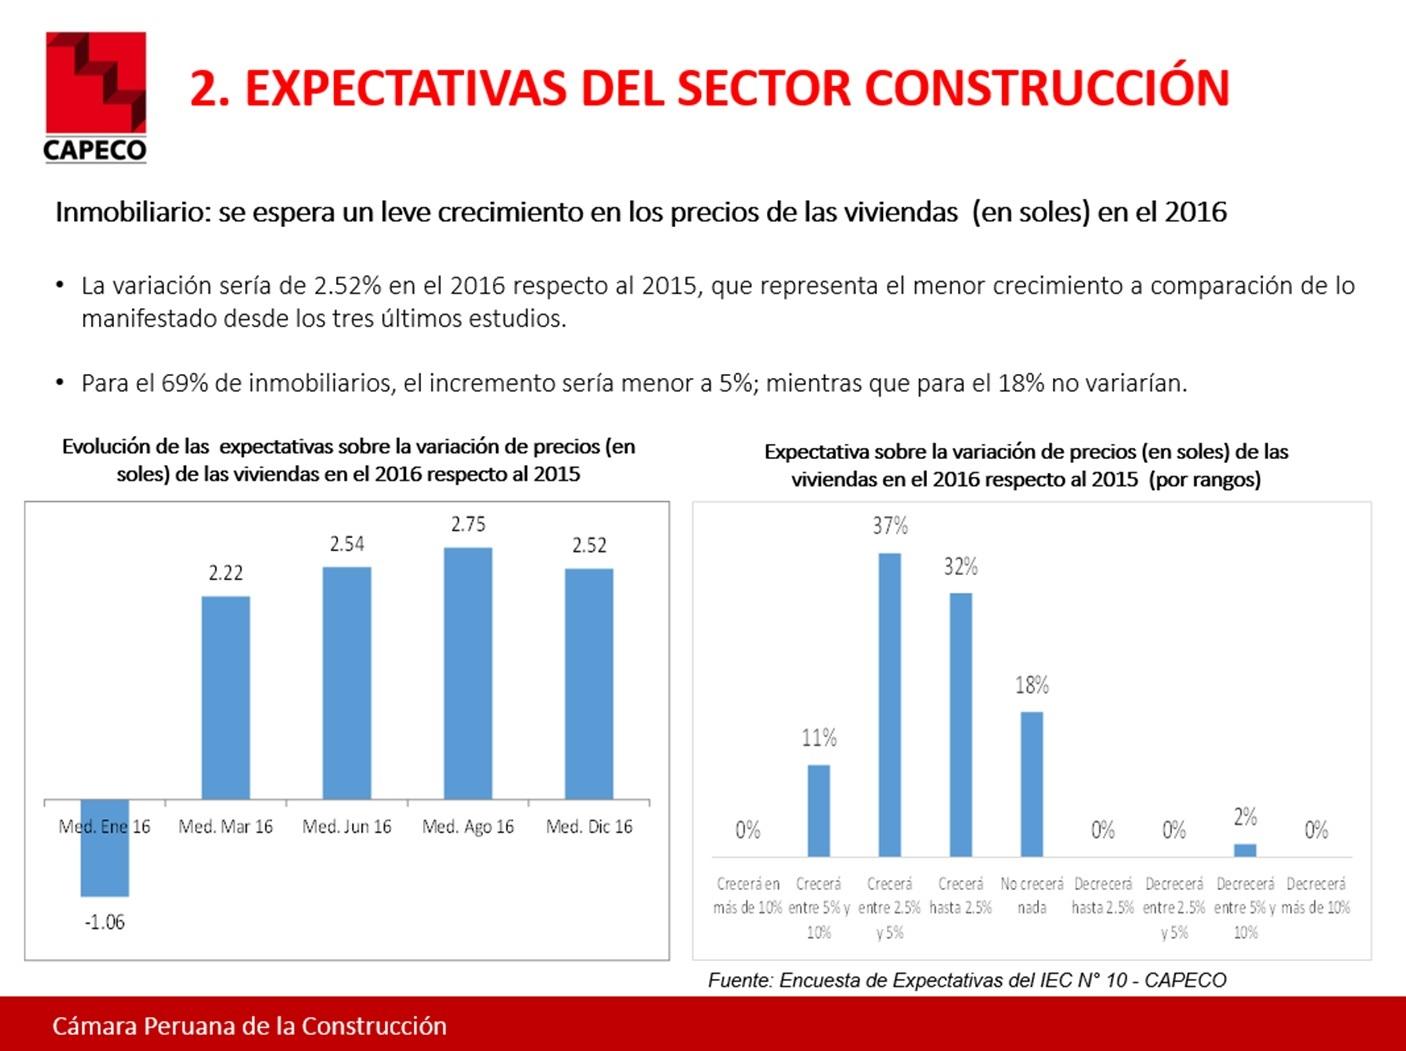 Precios de viviendas en Lima: ¿Cuánto aumentarán su valor el próximo año?